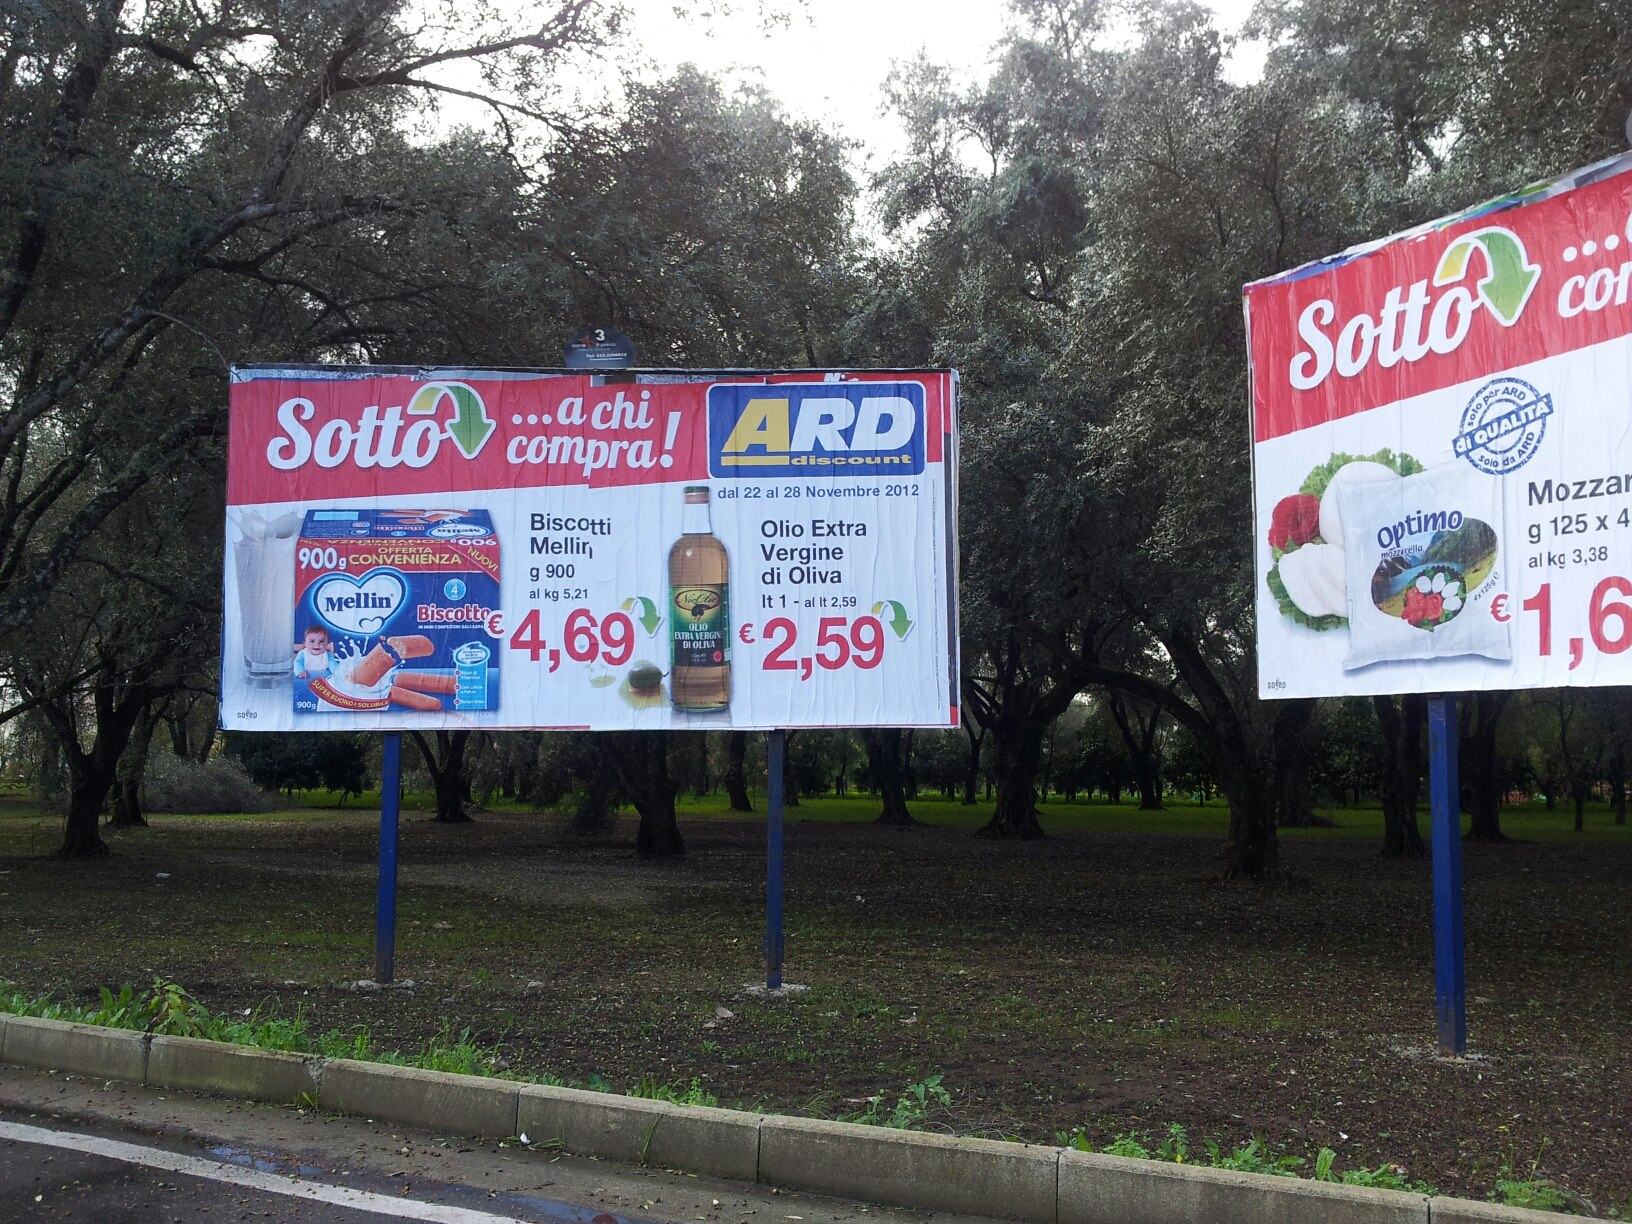 2,59 euro per 1 litro di olio extra vergine di oliva, venduto in una delle zone storiche di produzione.